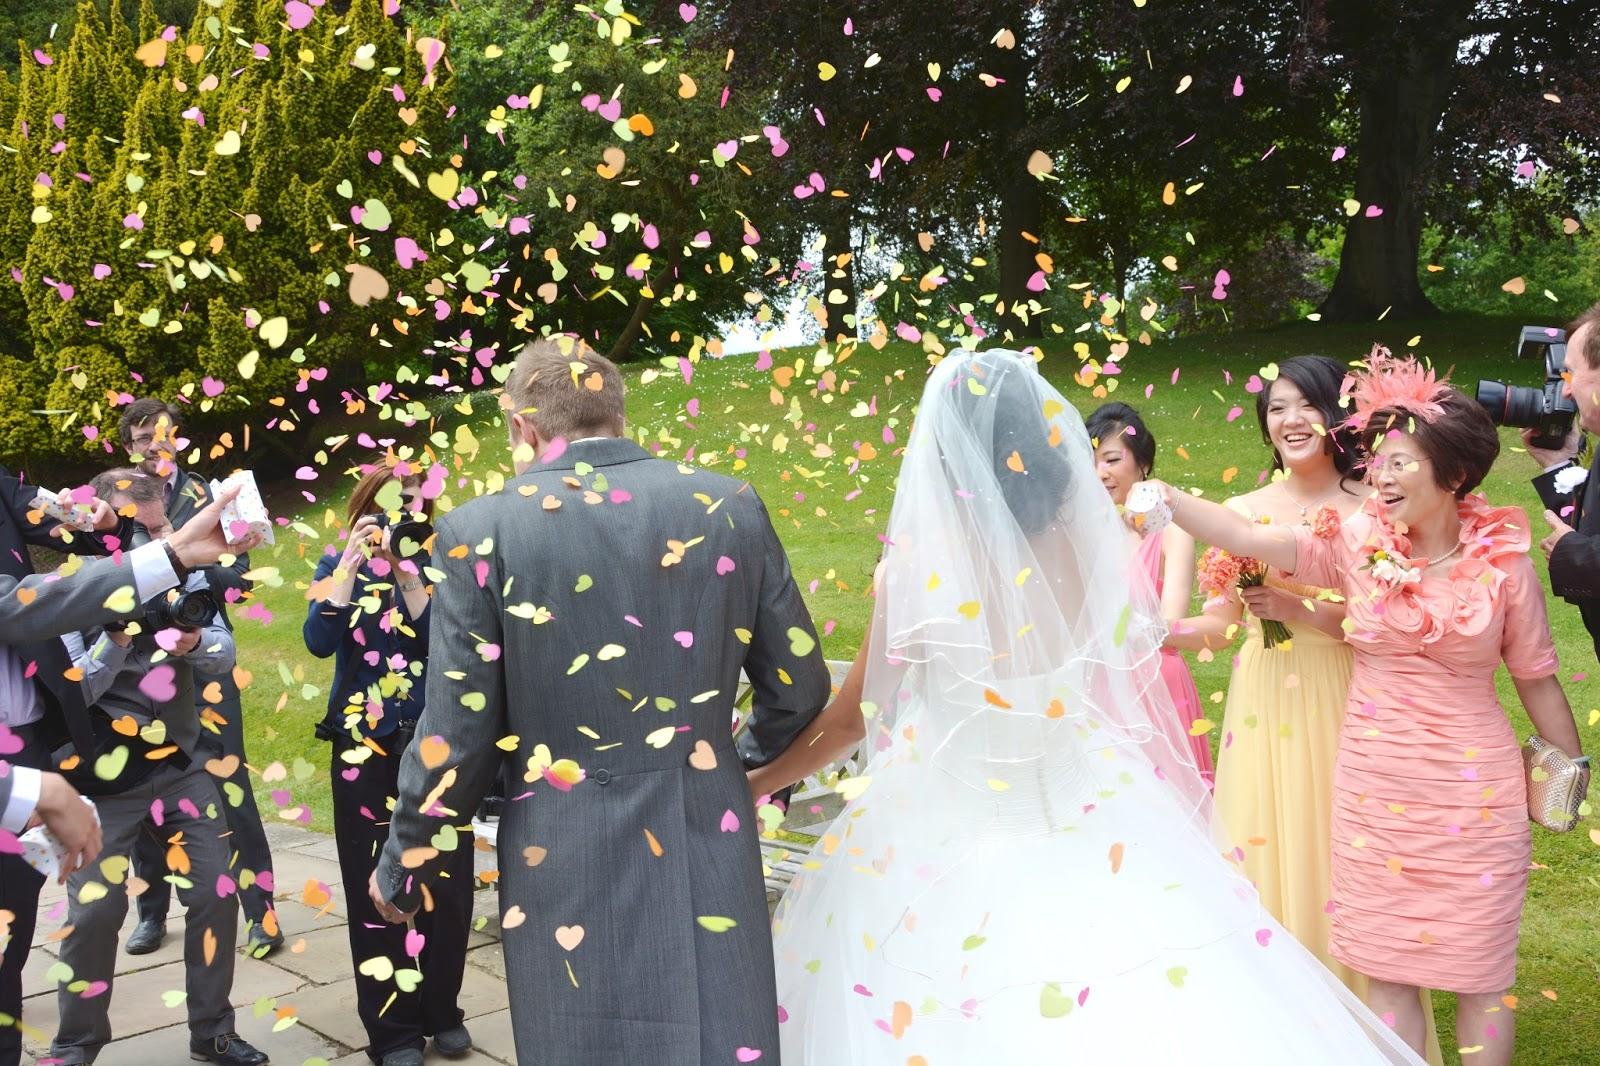 heart shaped wedding confetti, summer wedding